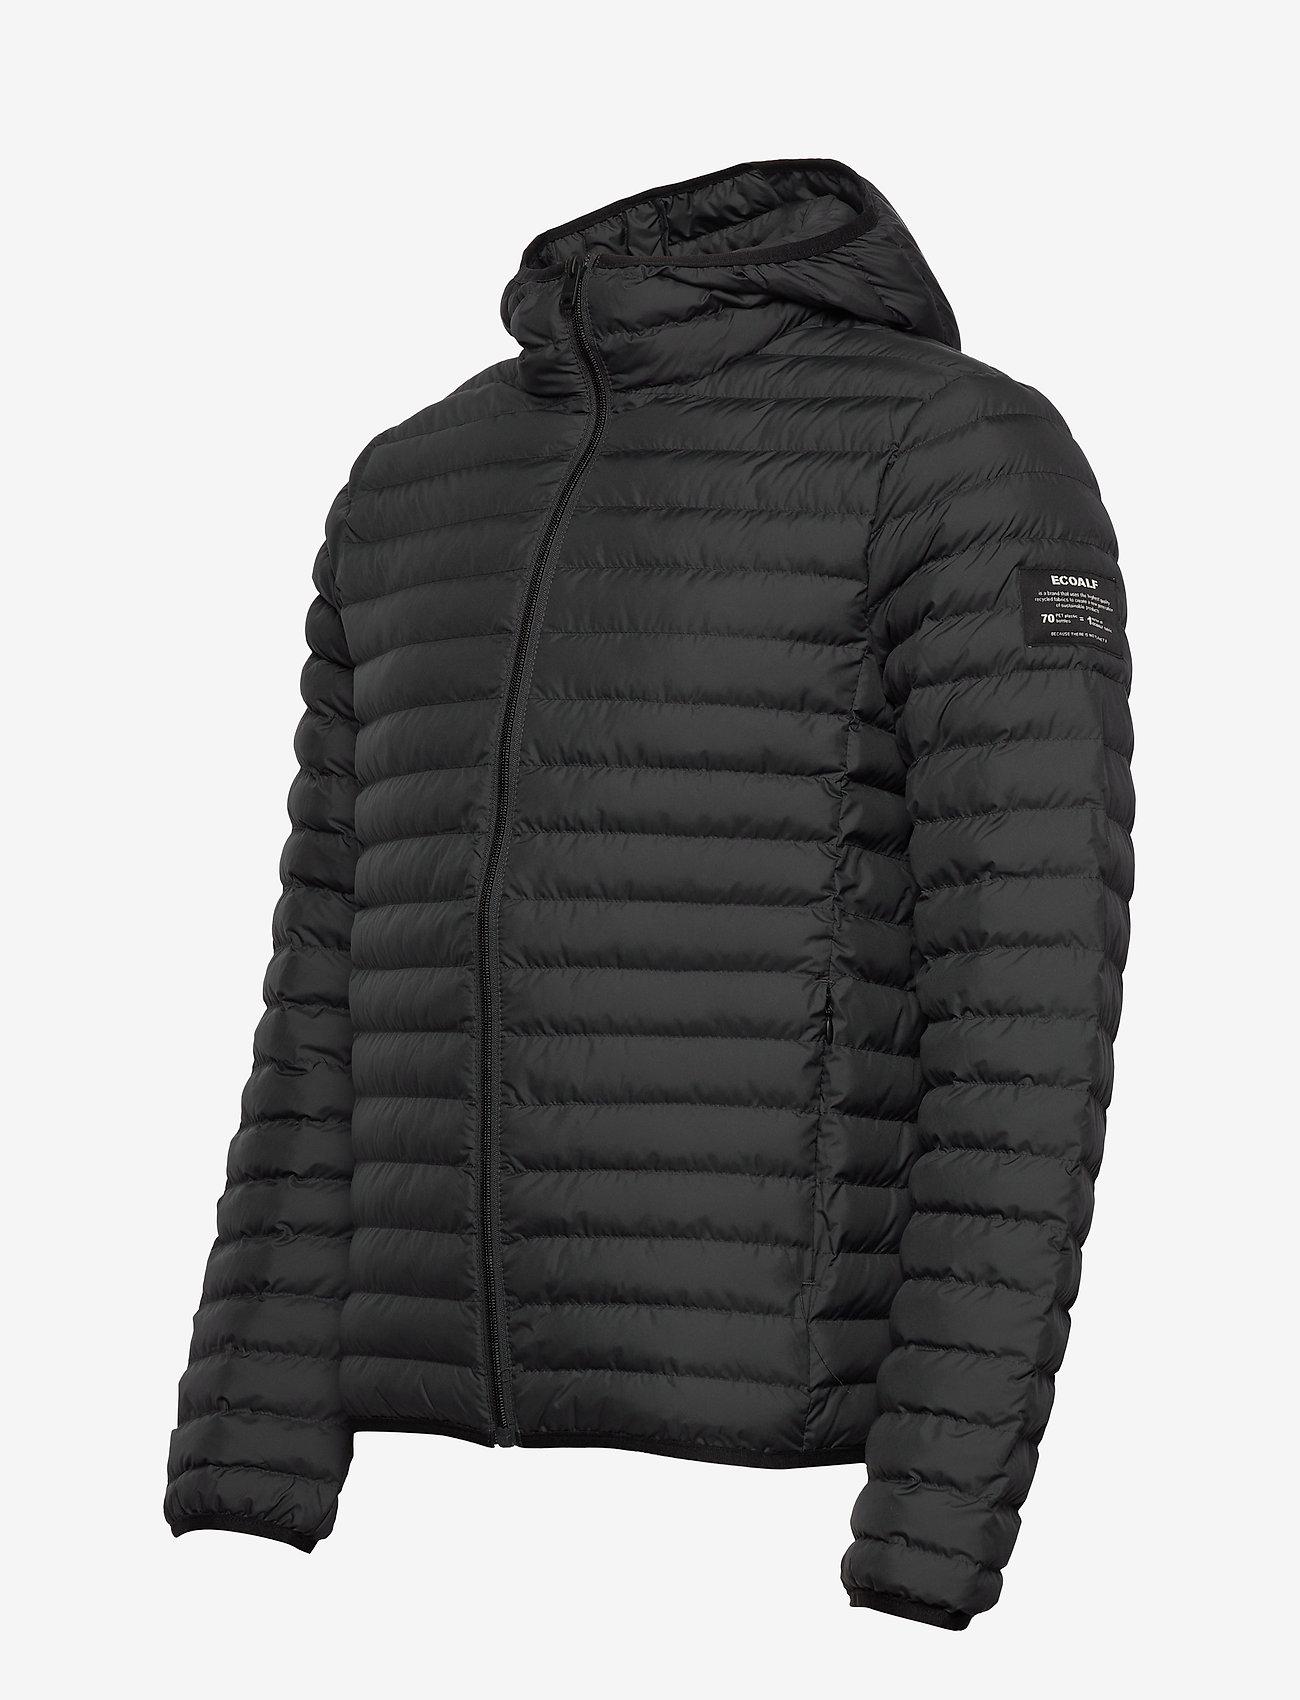 ECOALF - ATLANTIC JACKET MAN - vestes matelassées - asphalt - 2